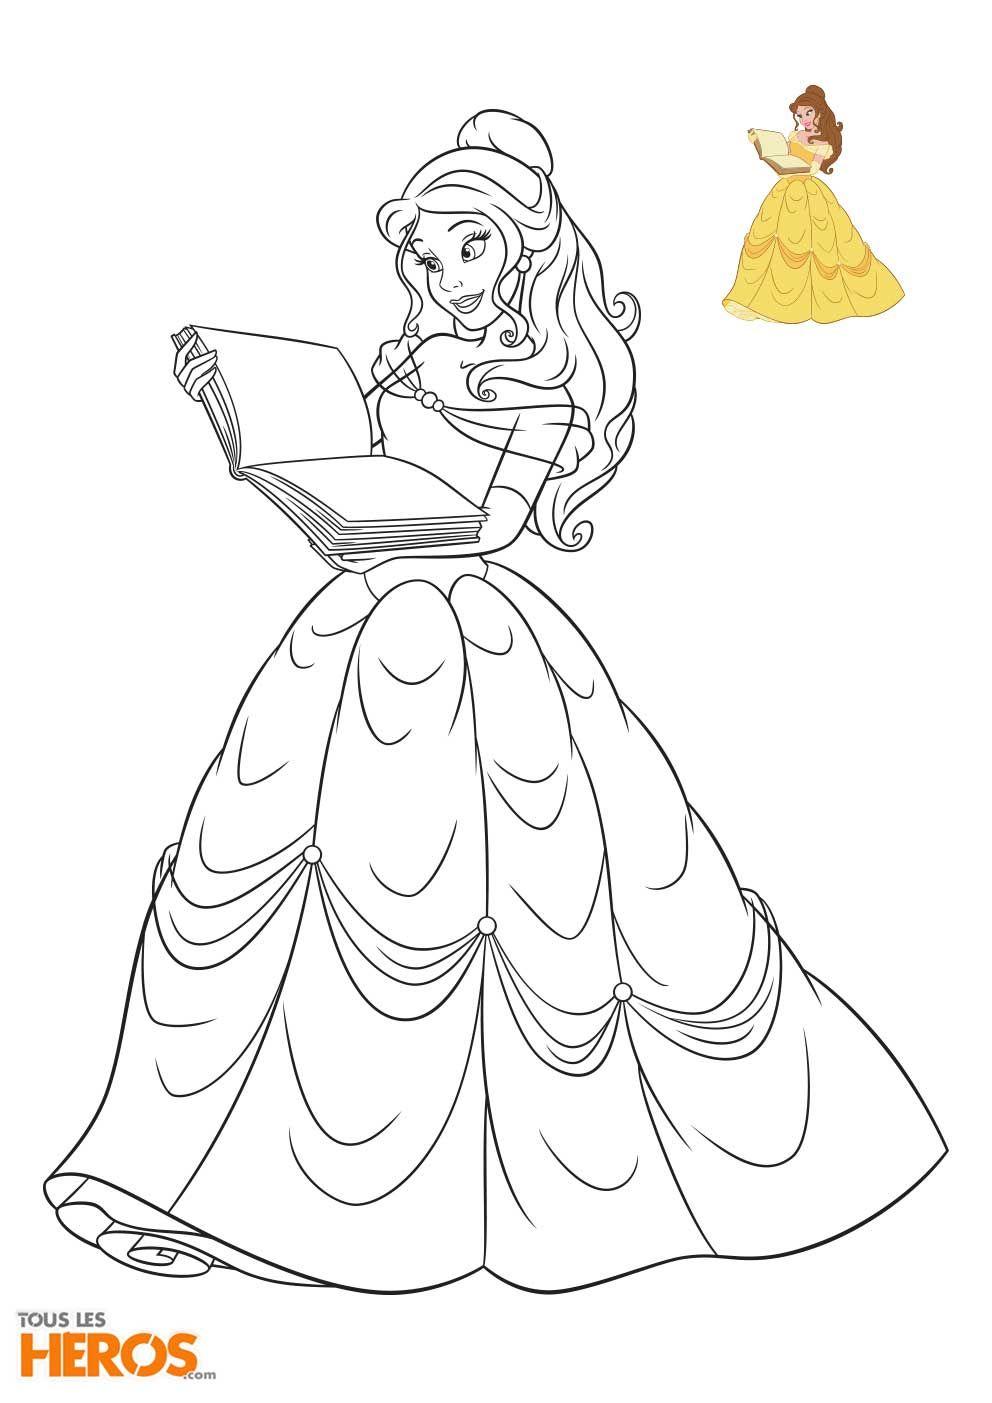 Cette Semaine, Tous Les Héros Vous Propose D'imprimer 5 à Coloriage Princesses Disney À Imprimer